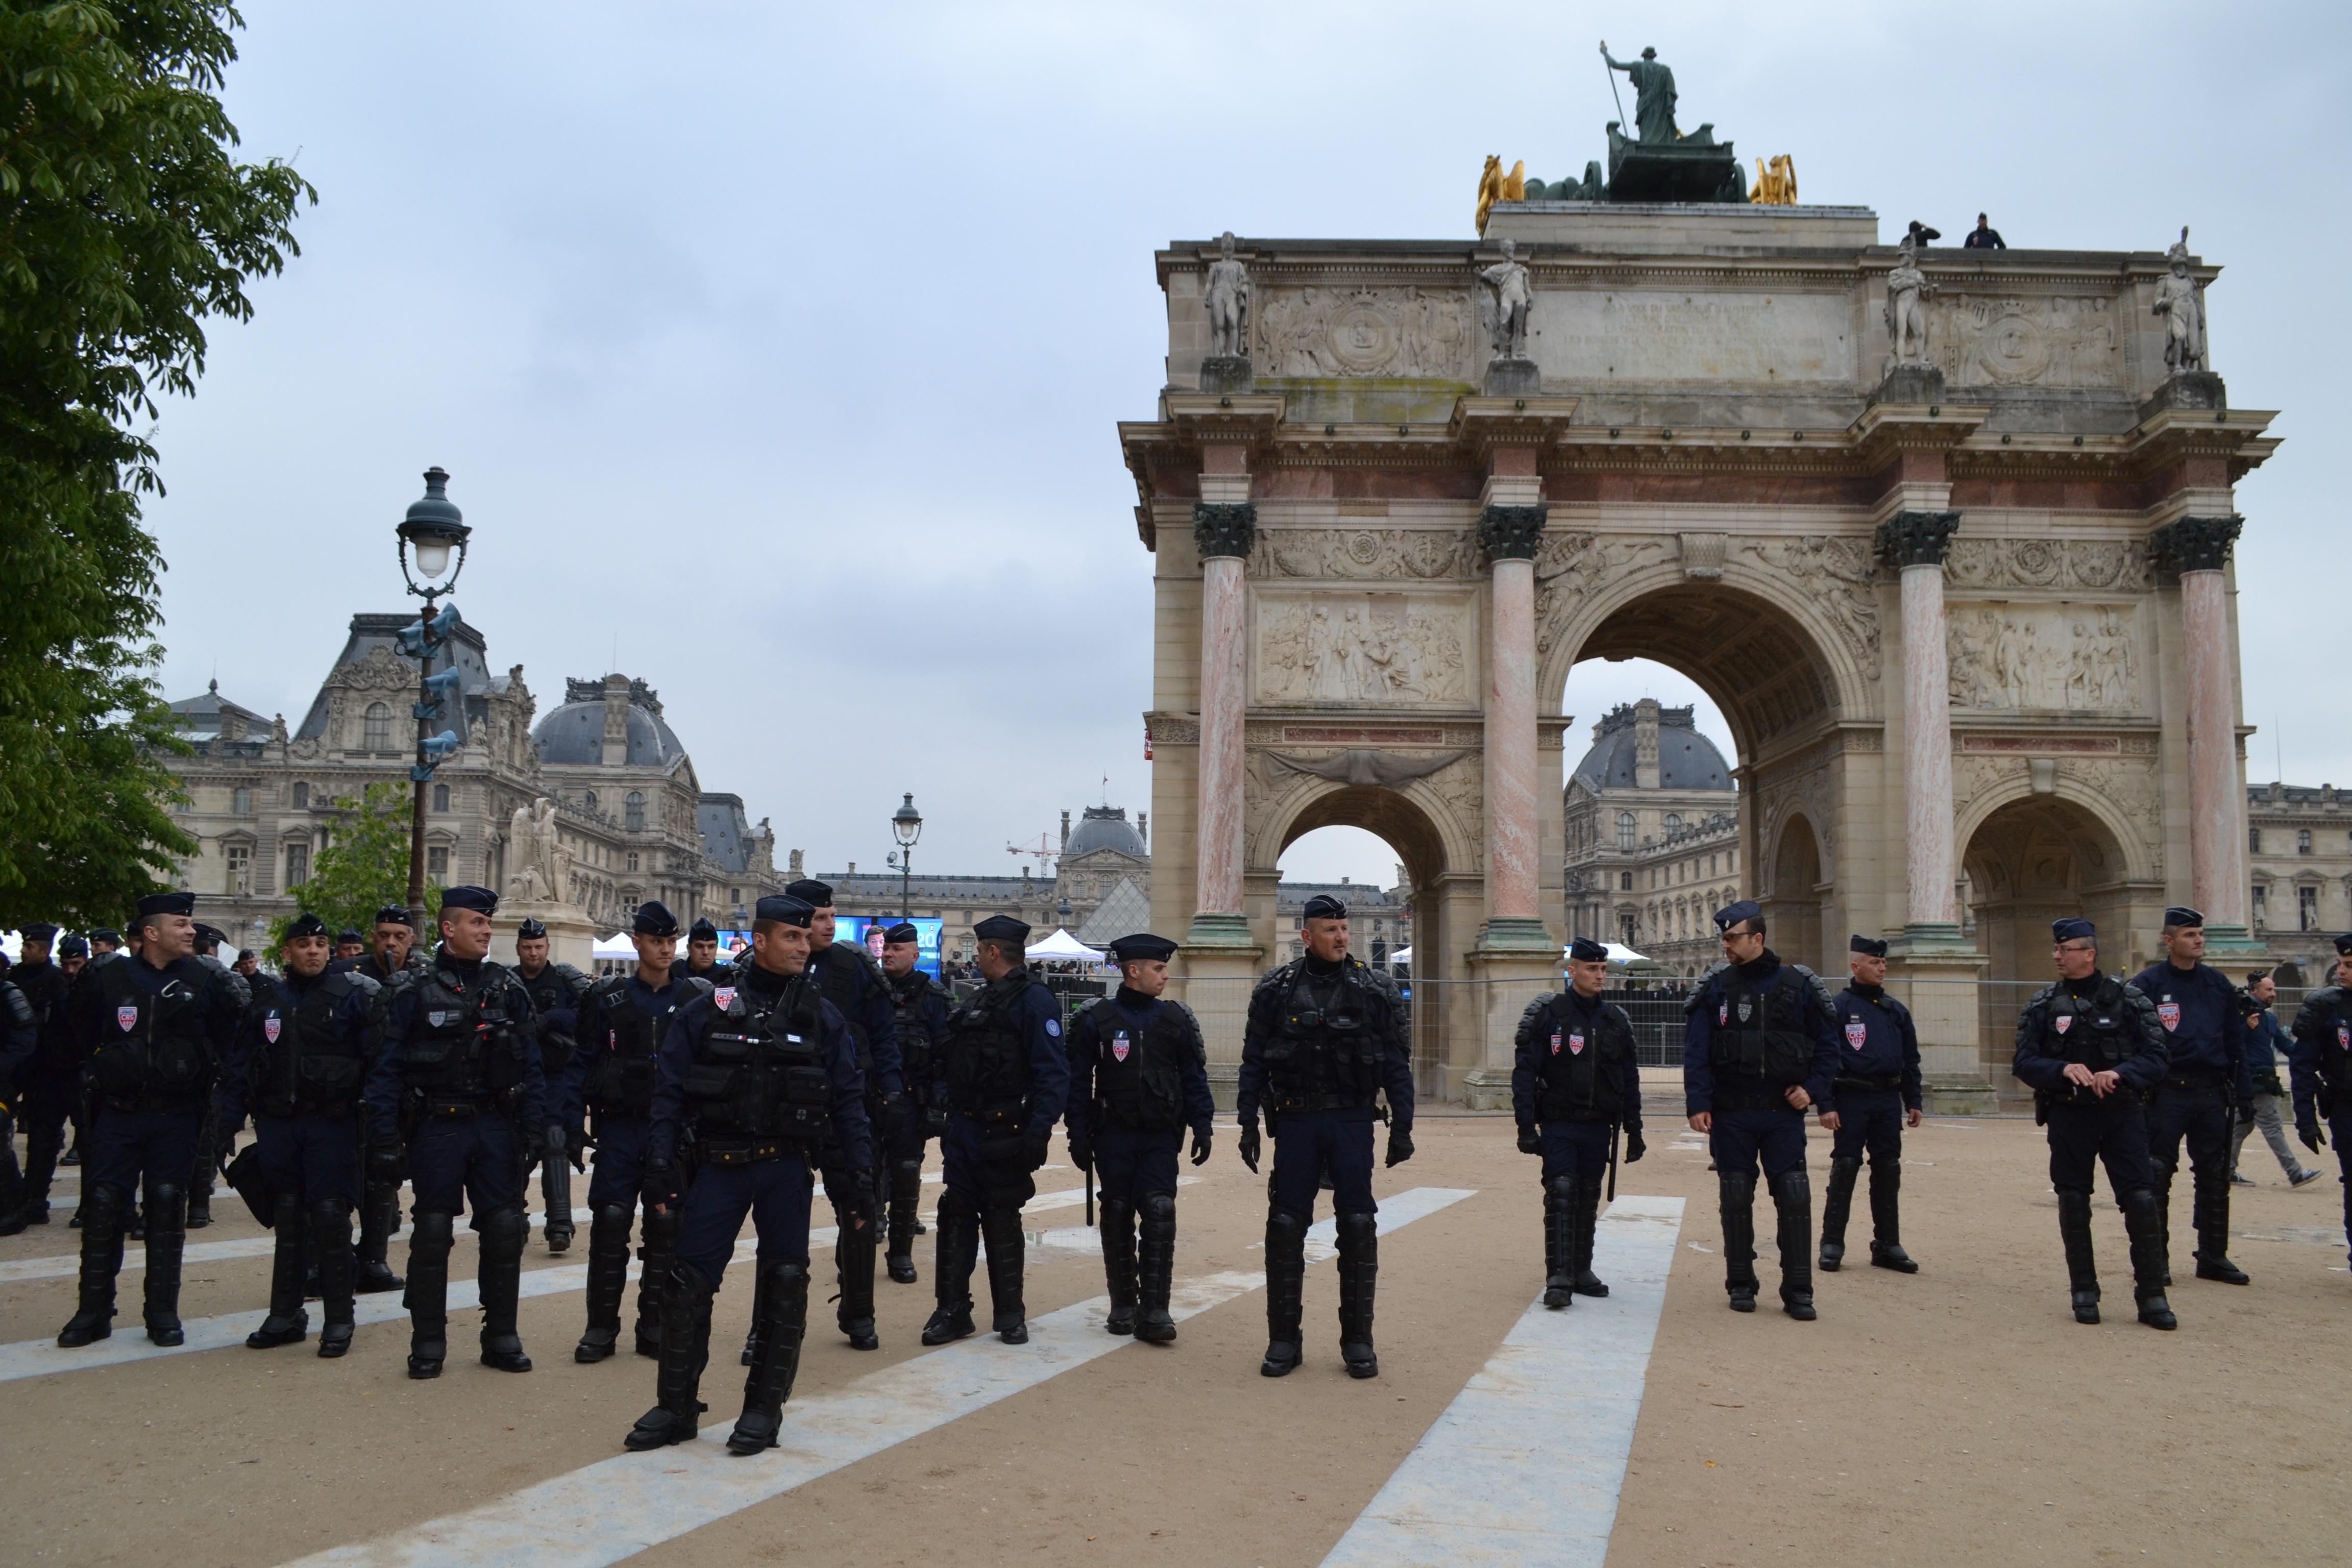 DSC 0754 1 3 - 政治とエンターテインメントとフランス人100人とマクロンとルペンと。